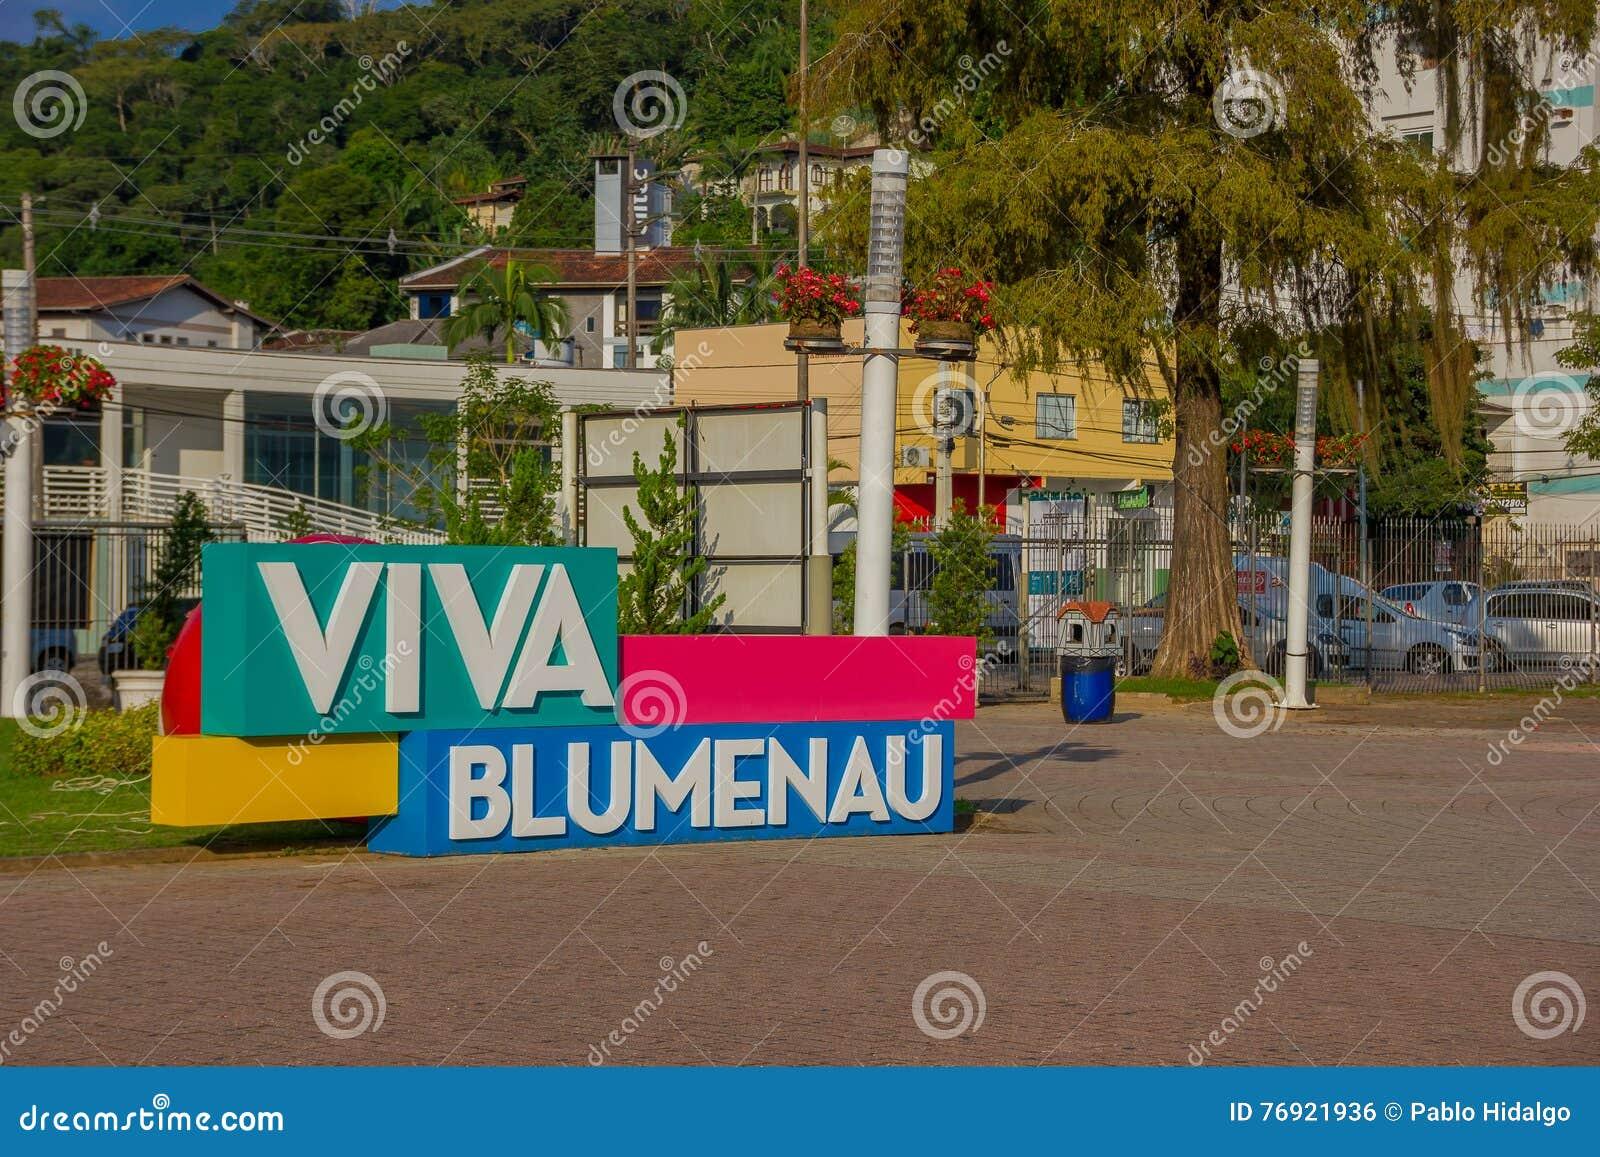 BLUMENAU, BRASIL - 10 DE MAIO DE 2016: sinal do blumenau do viva situado no centro da cidade